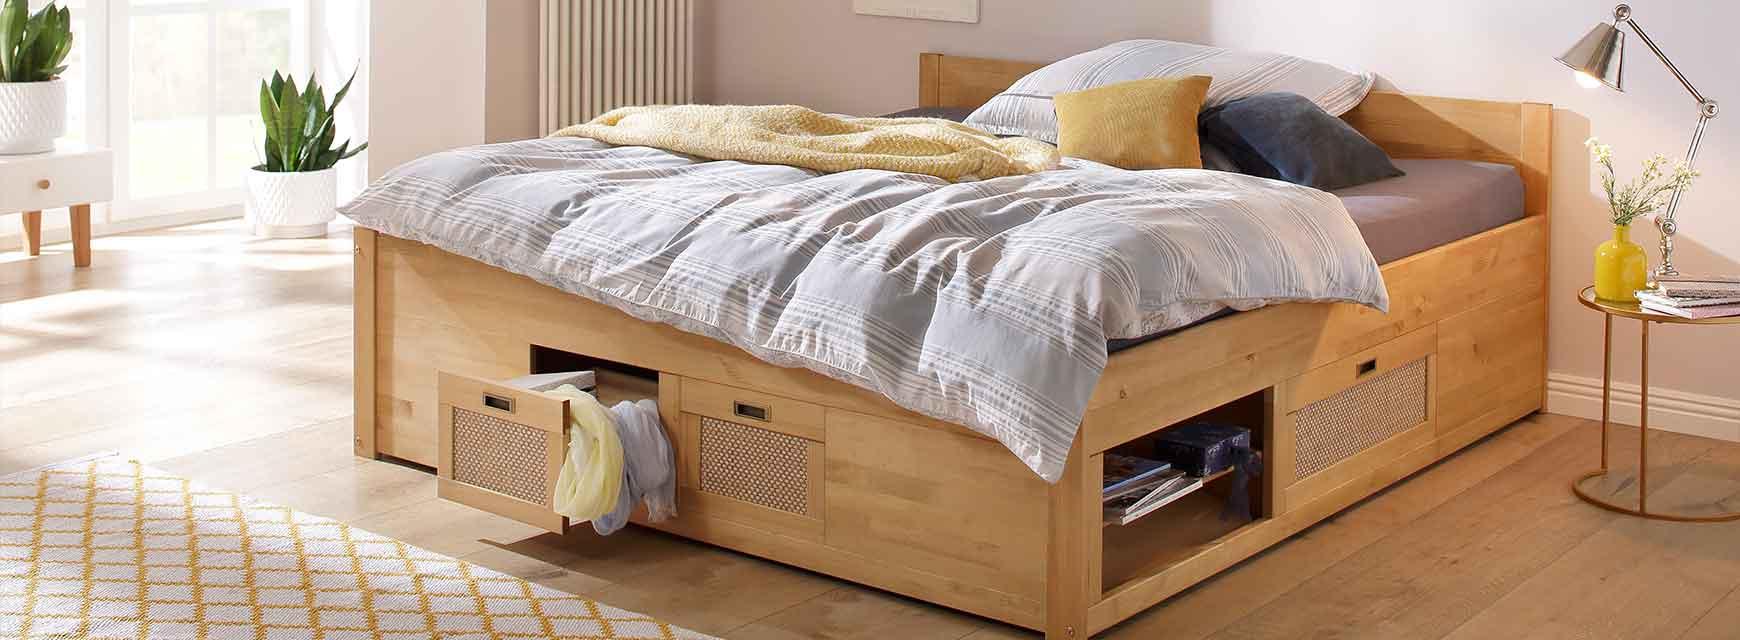 Full Size of Stauraumbett 120x200 Bett Weiß Mit Bettkasten Betten Matratze Und Lattenrost Wohnzimmer Stauraumbett 120x200